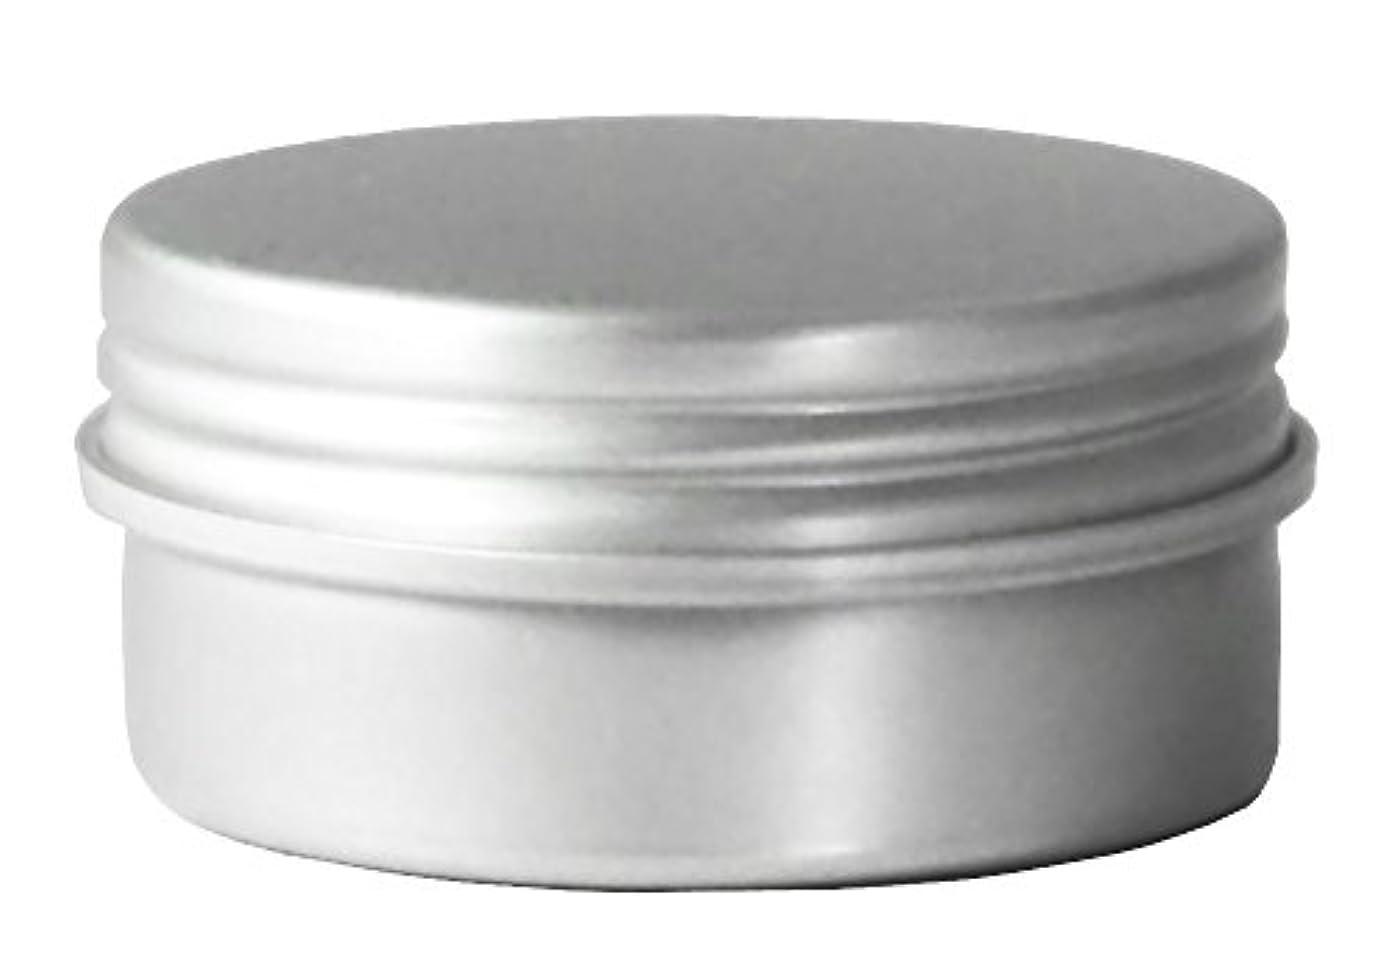 すり減るアスペクトポーズアルミキャップ缶 ハイシートパッキン付 12ml 【化粧品容器】